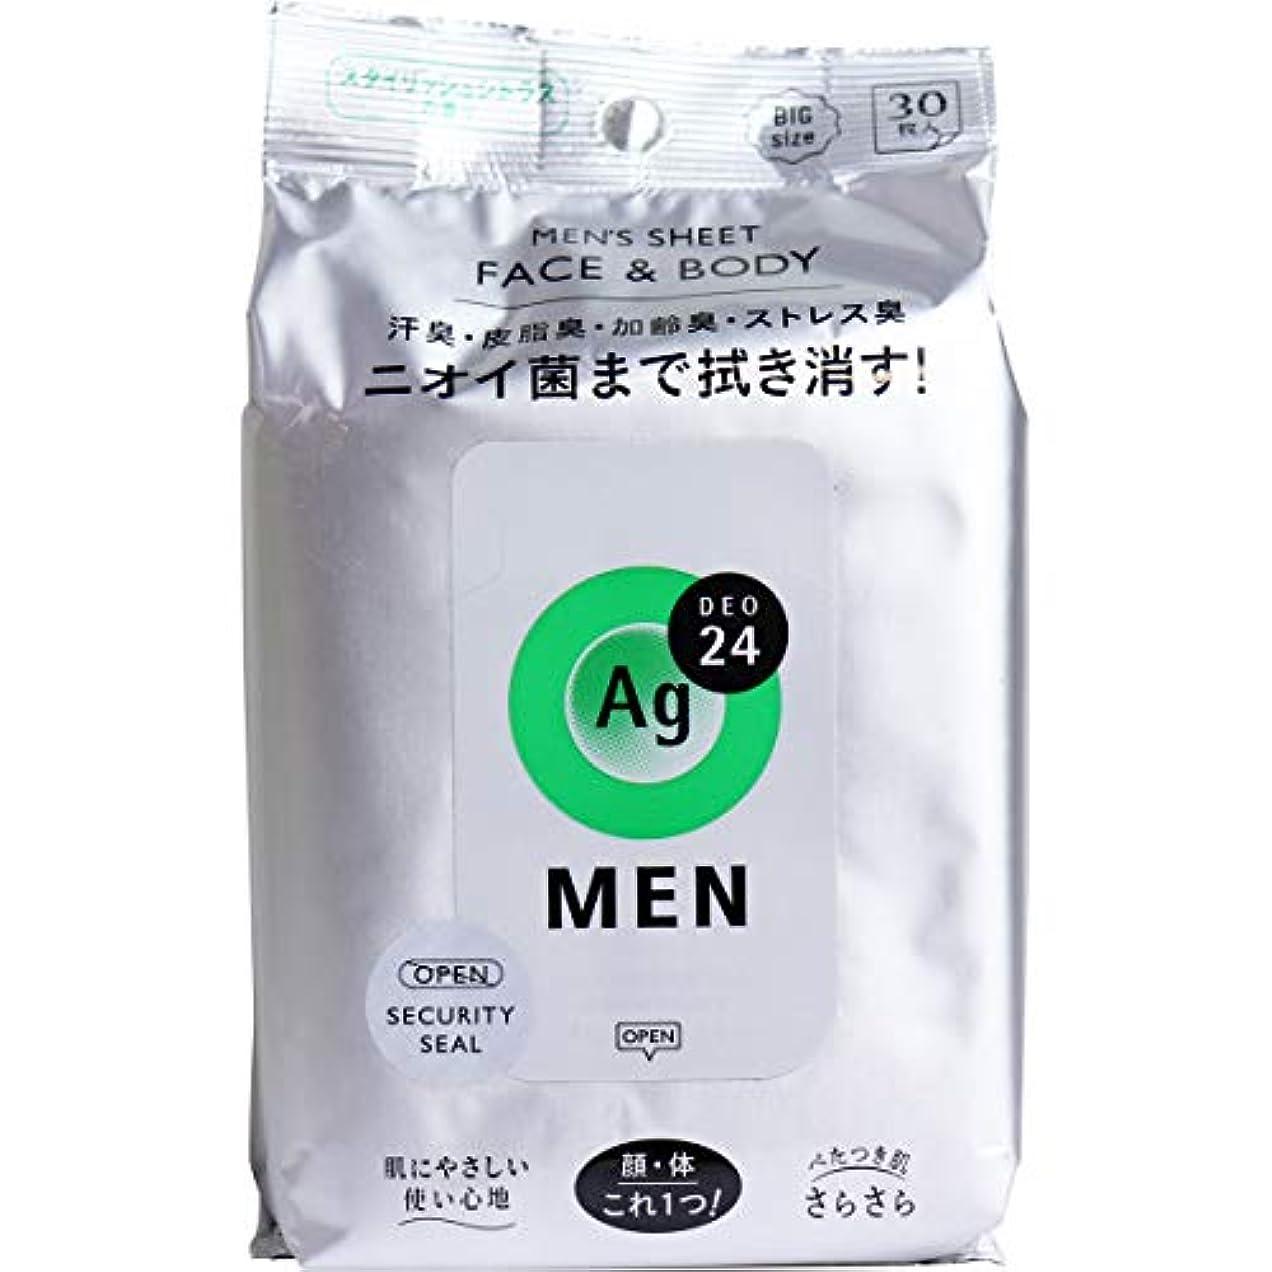 排気略奪意気消沈したエージー24メン メンズシート フェイス&ボディ(シトラス)30枚 (3)